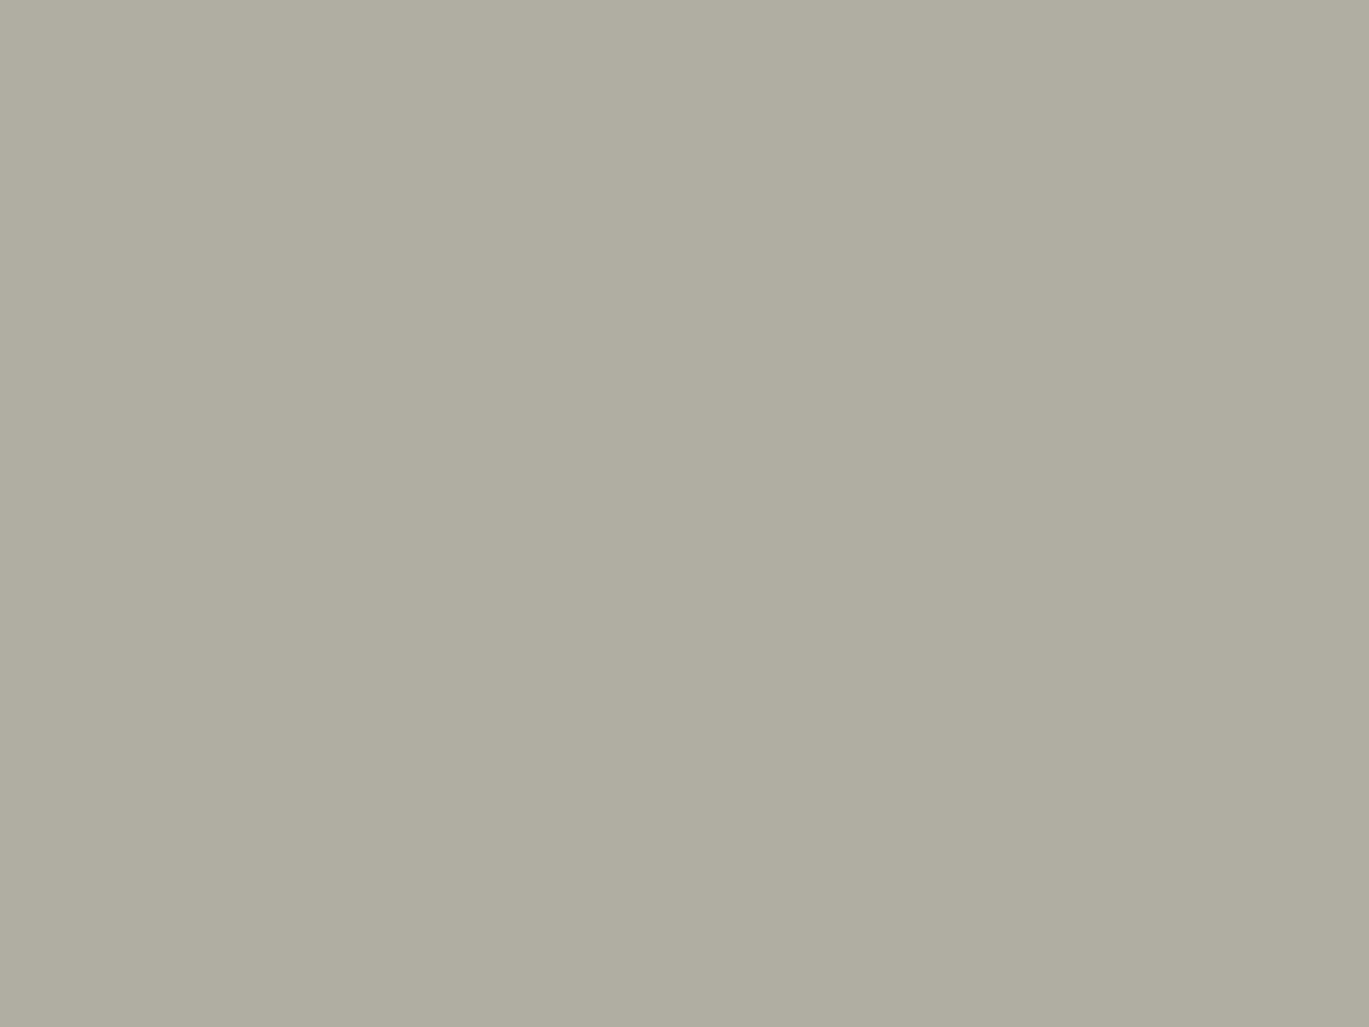 519065.average - Народный промысел родного края